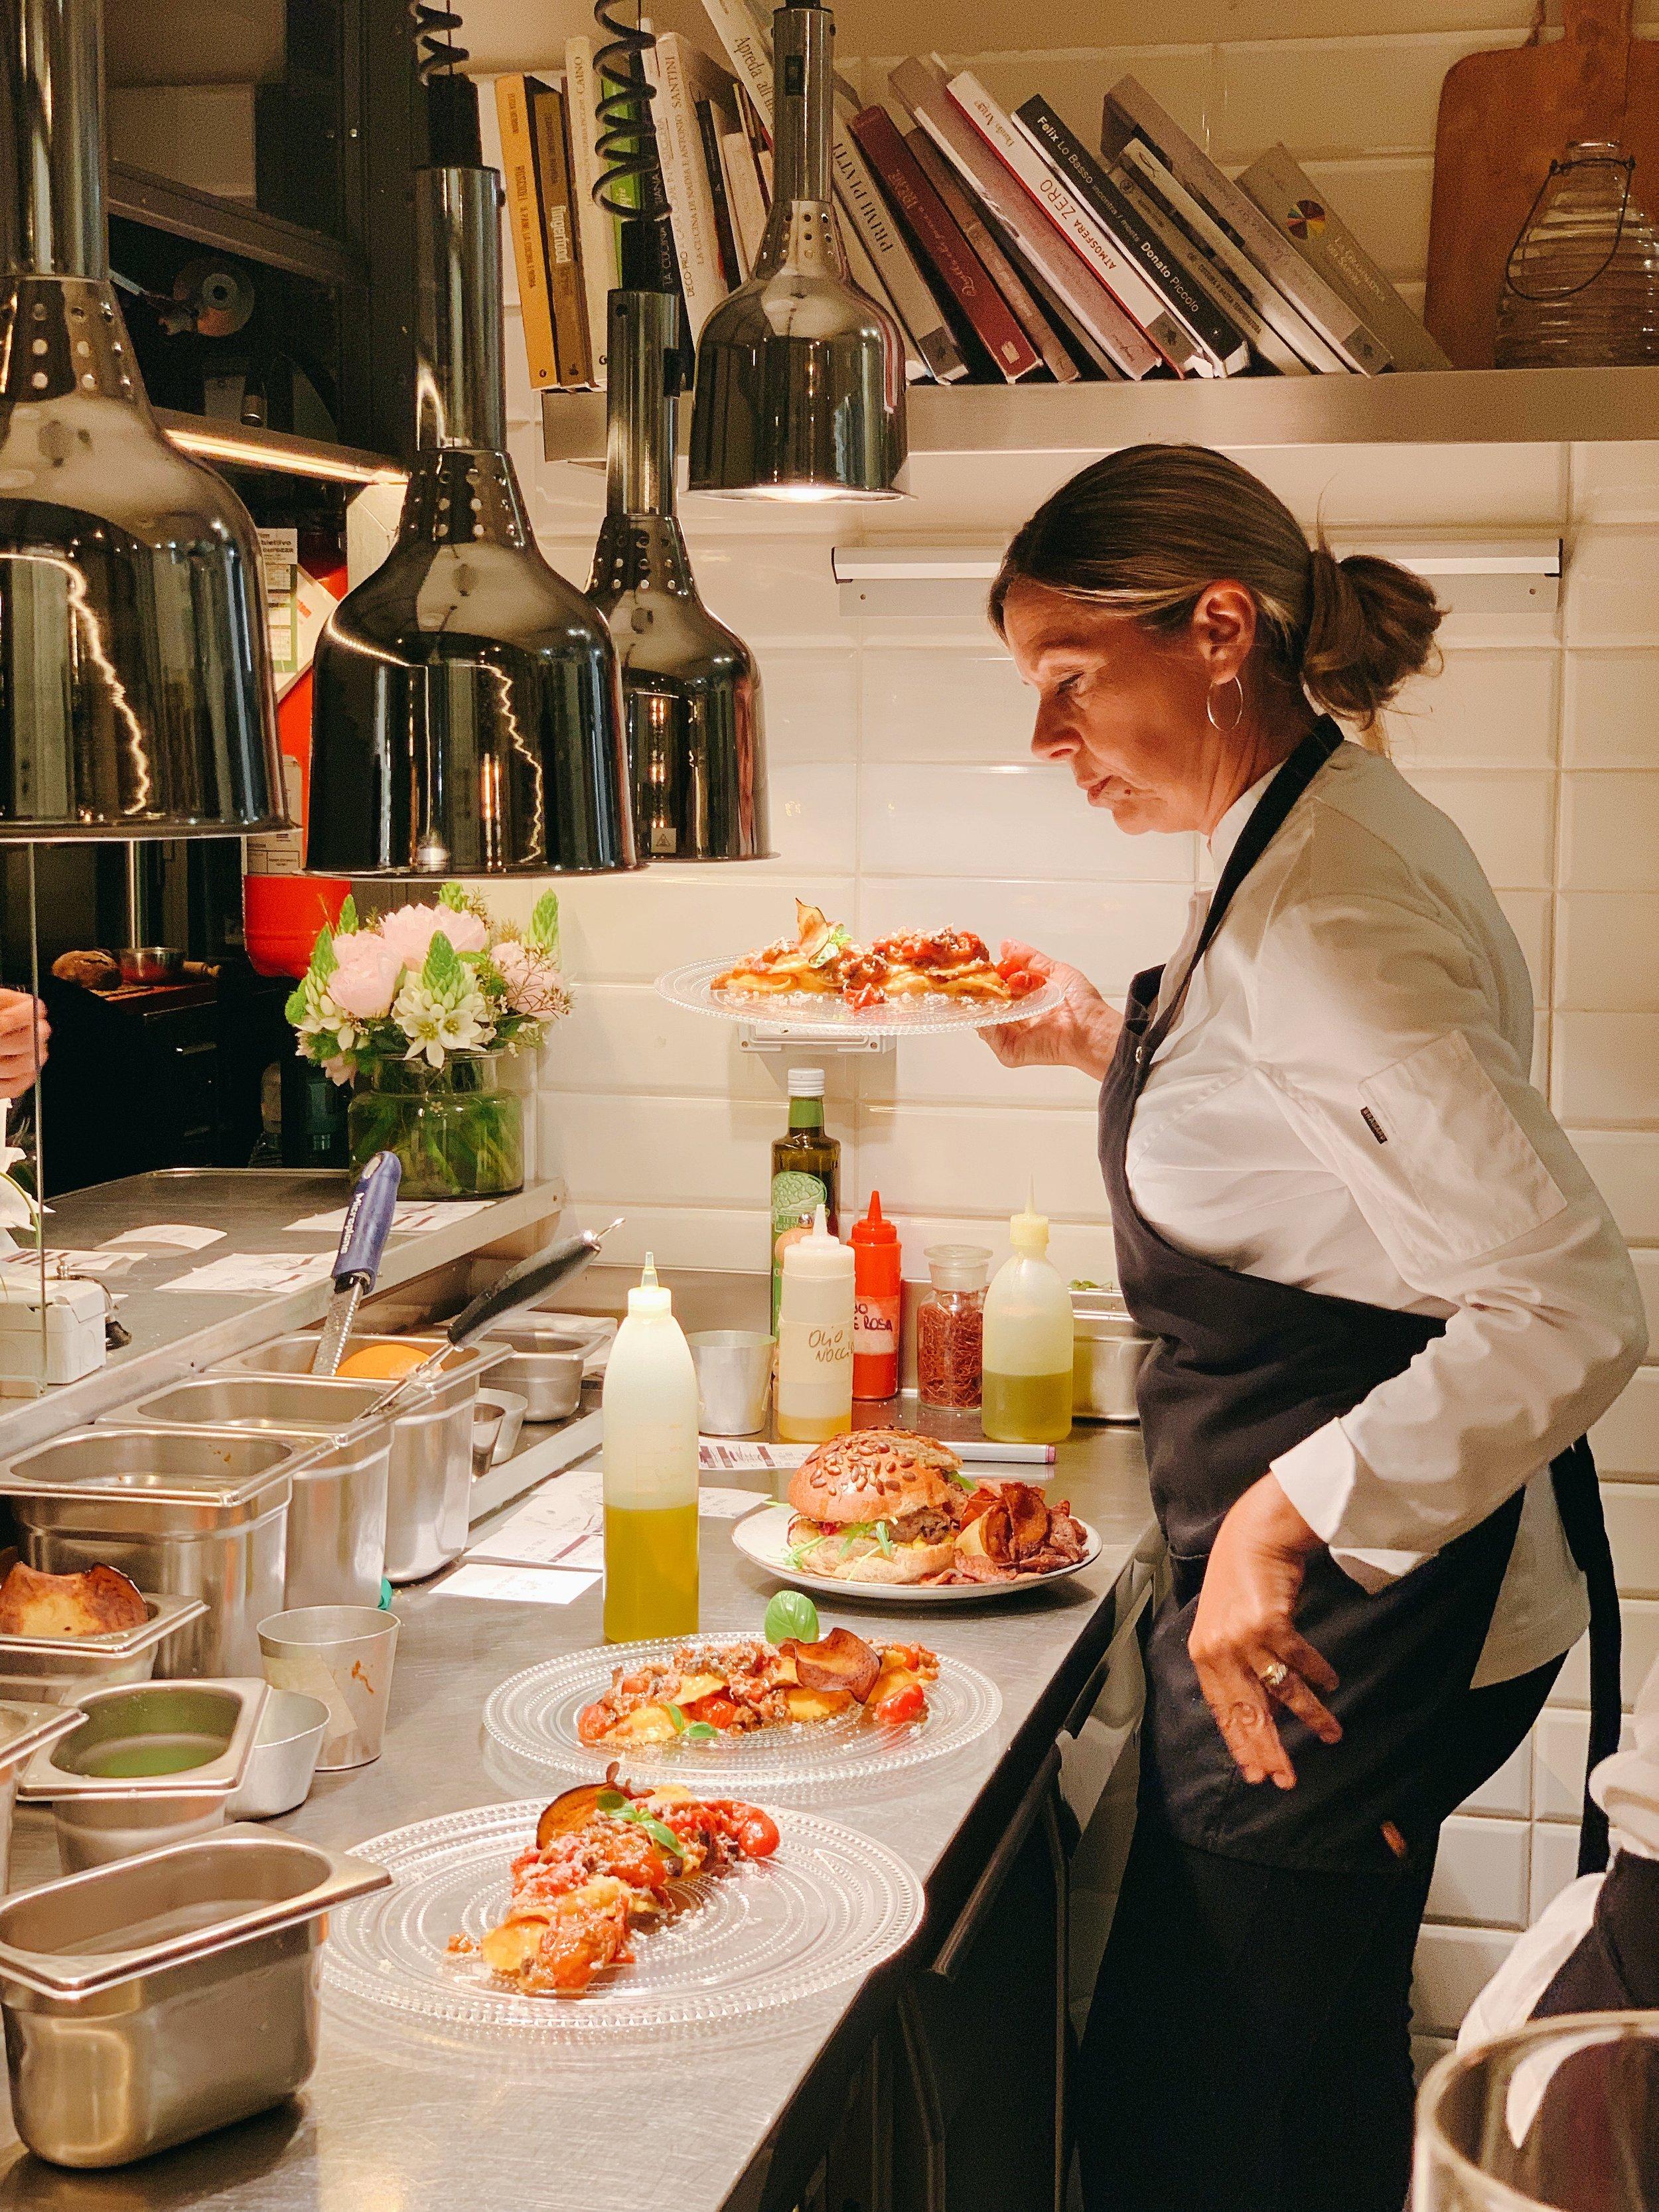 Paola Colucci, Chef Of Pianostrada